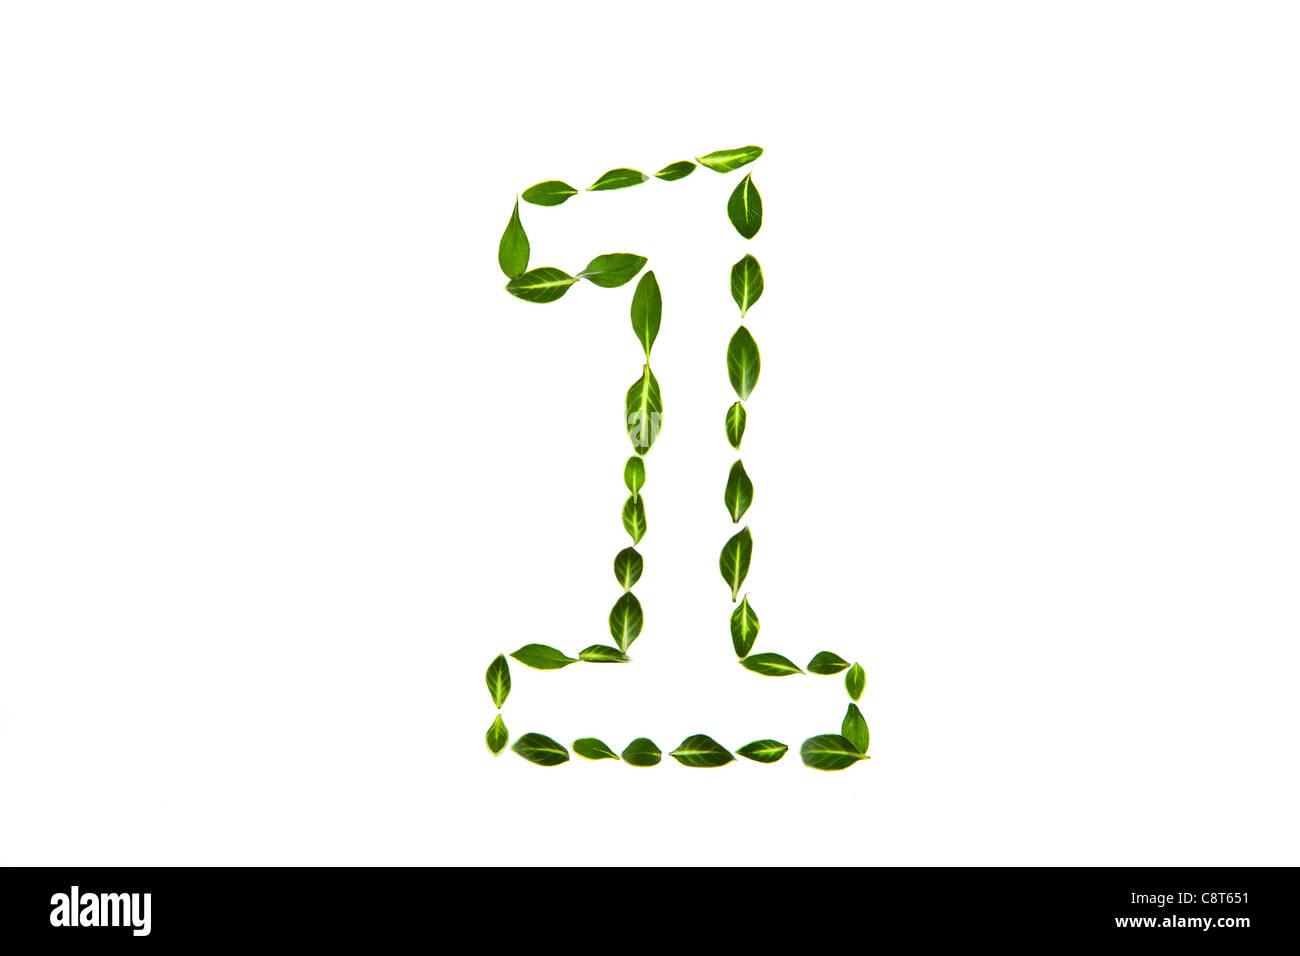 Número 1 dibujado con hojas Imagen De Stock